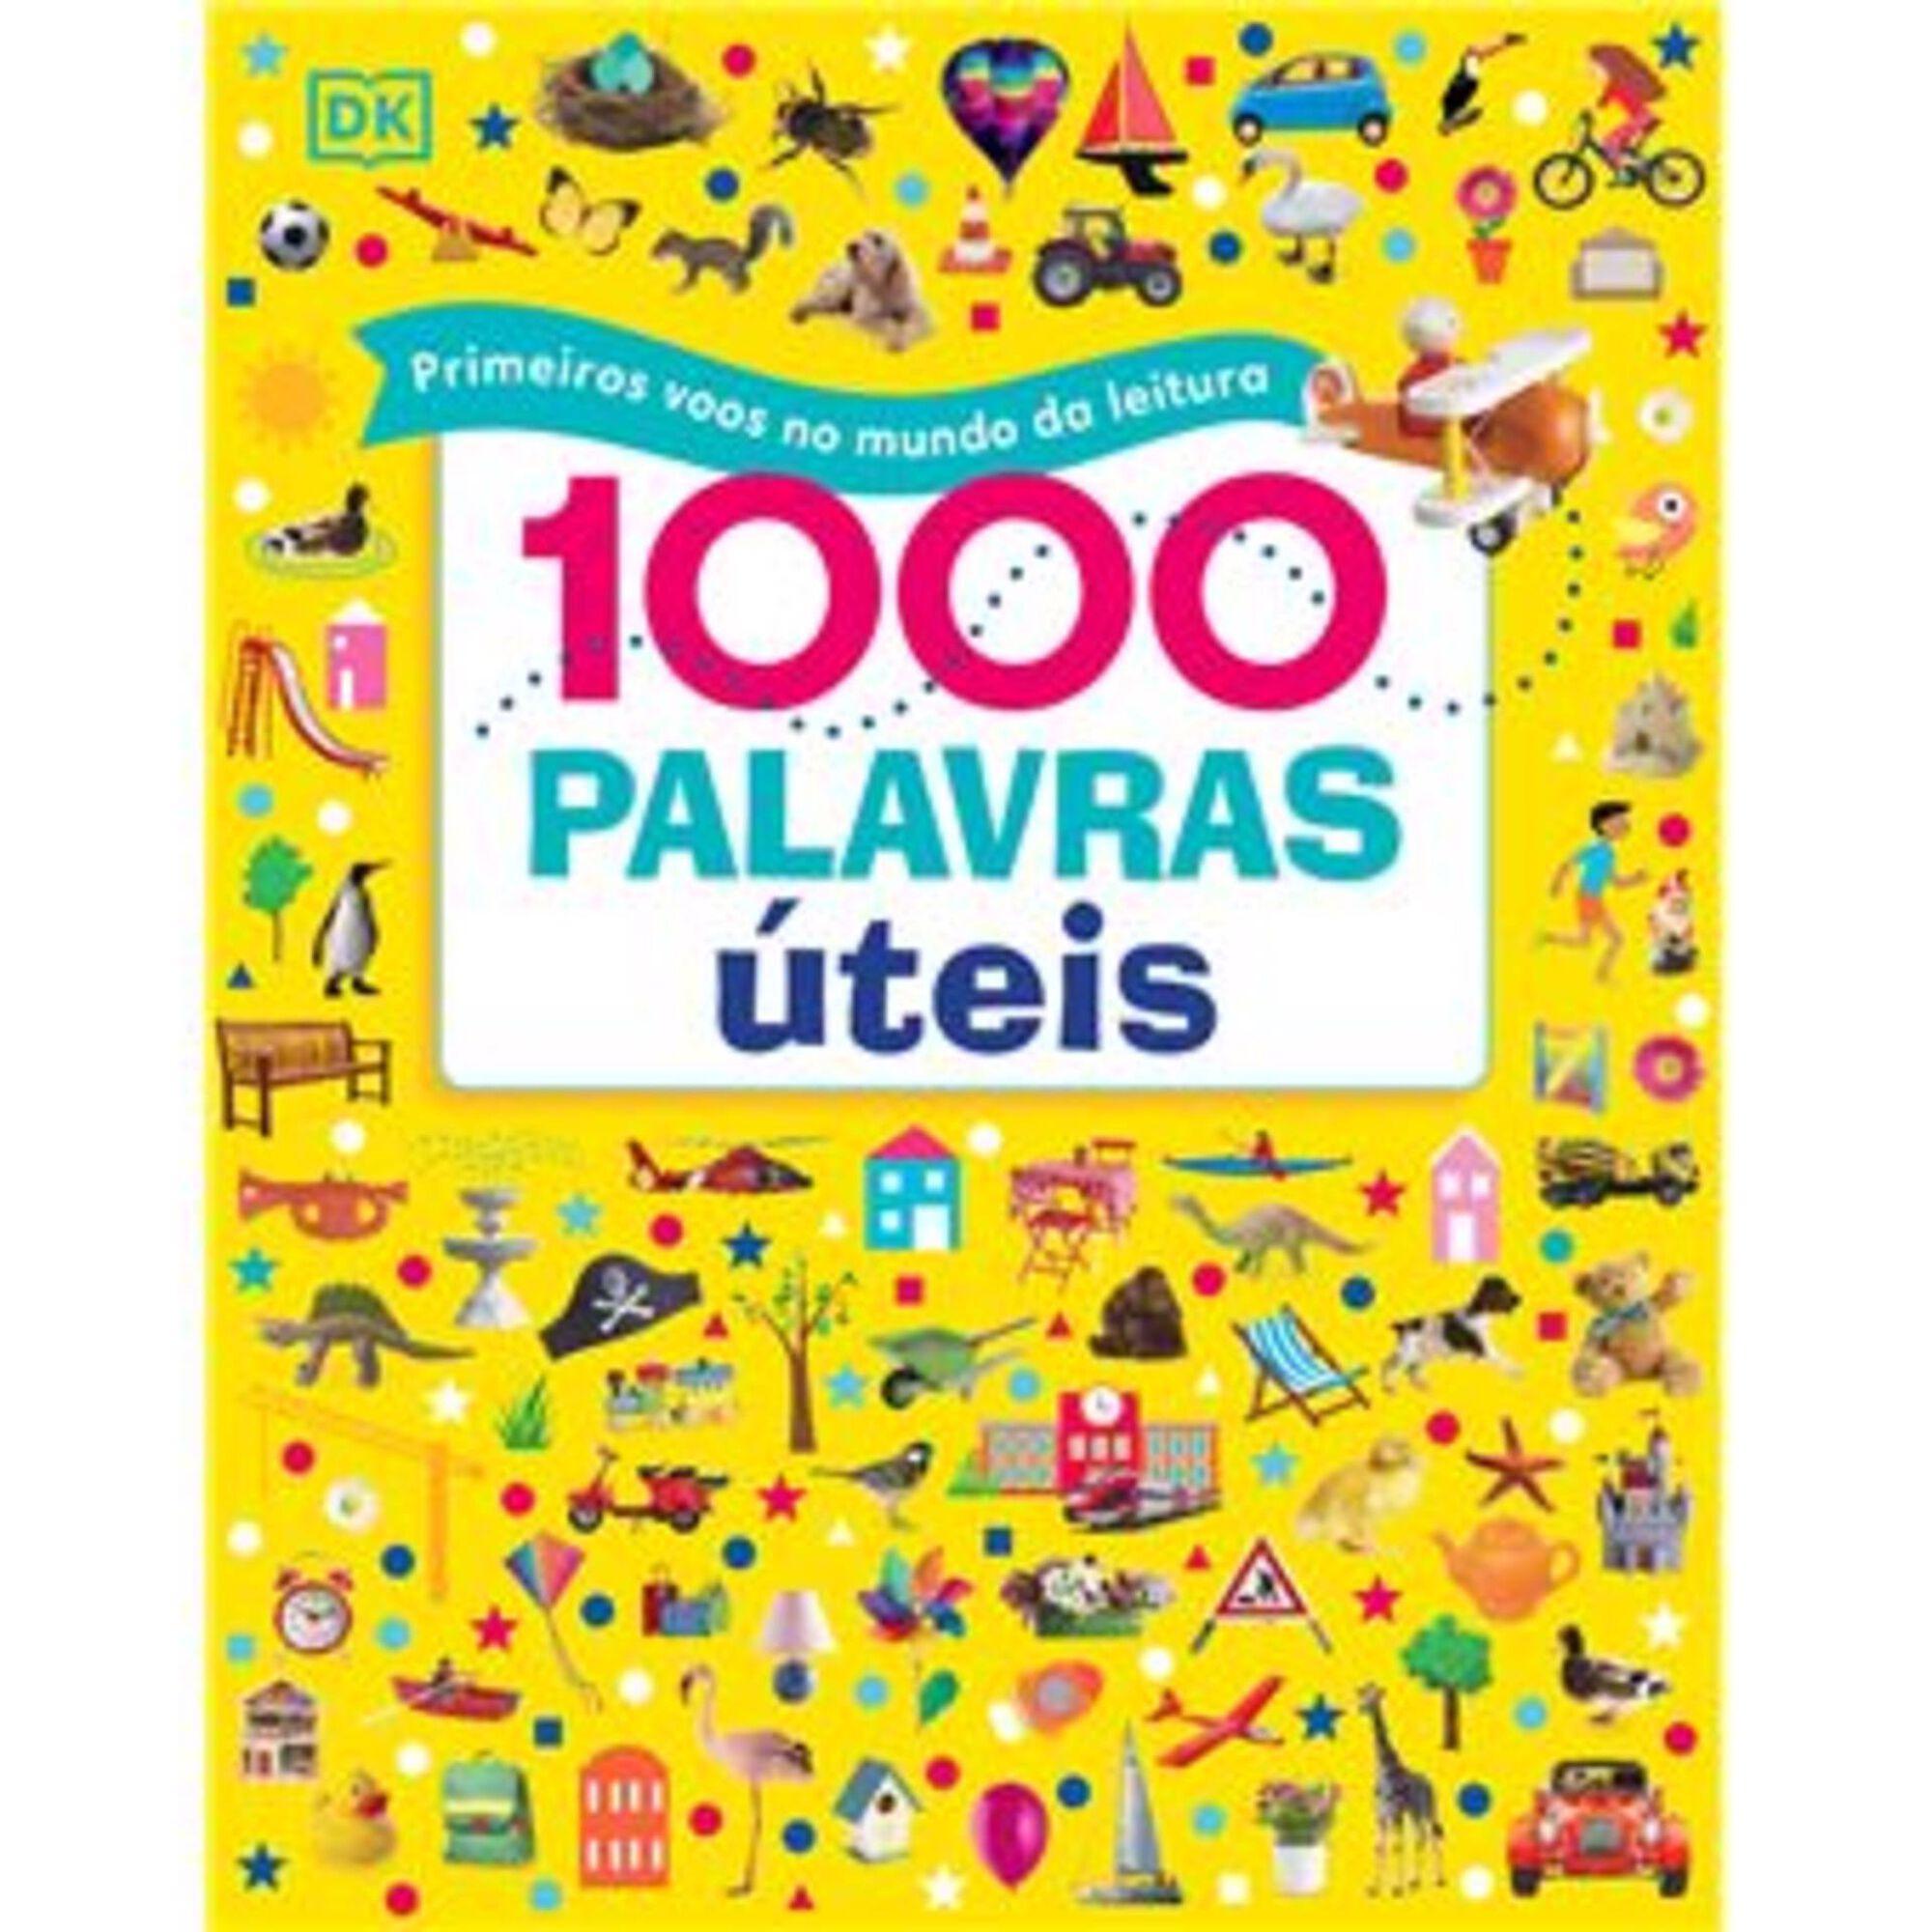 1000 Palavras Úteis